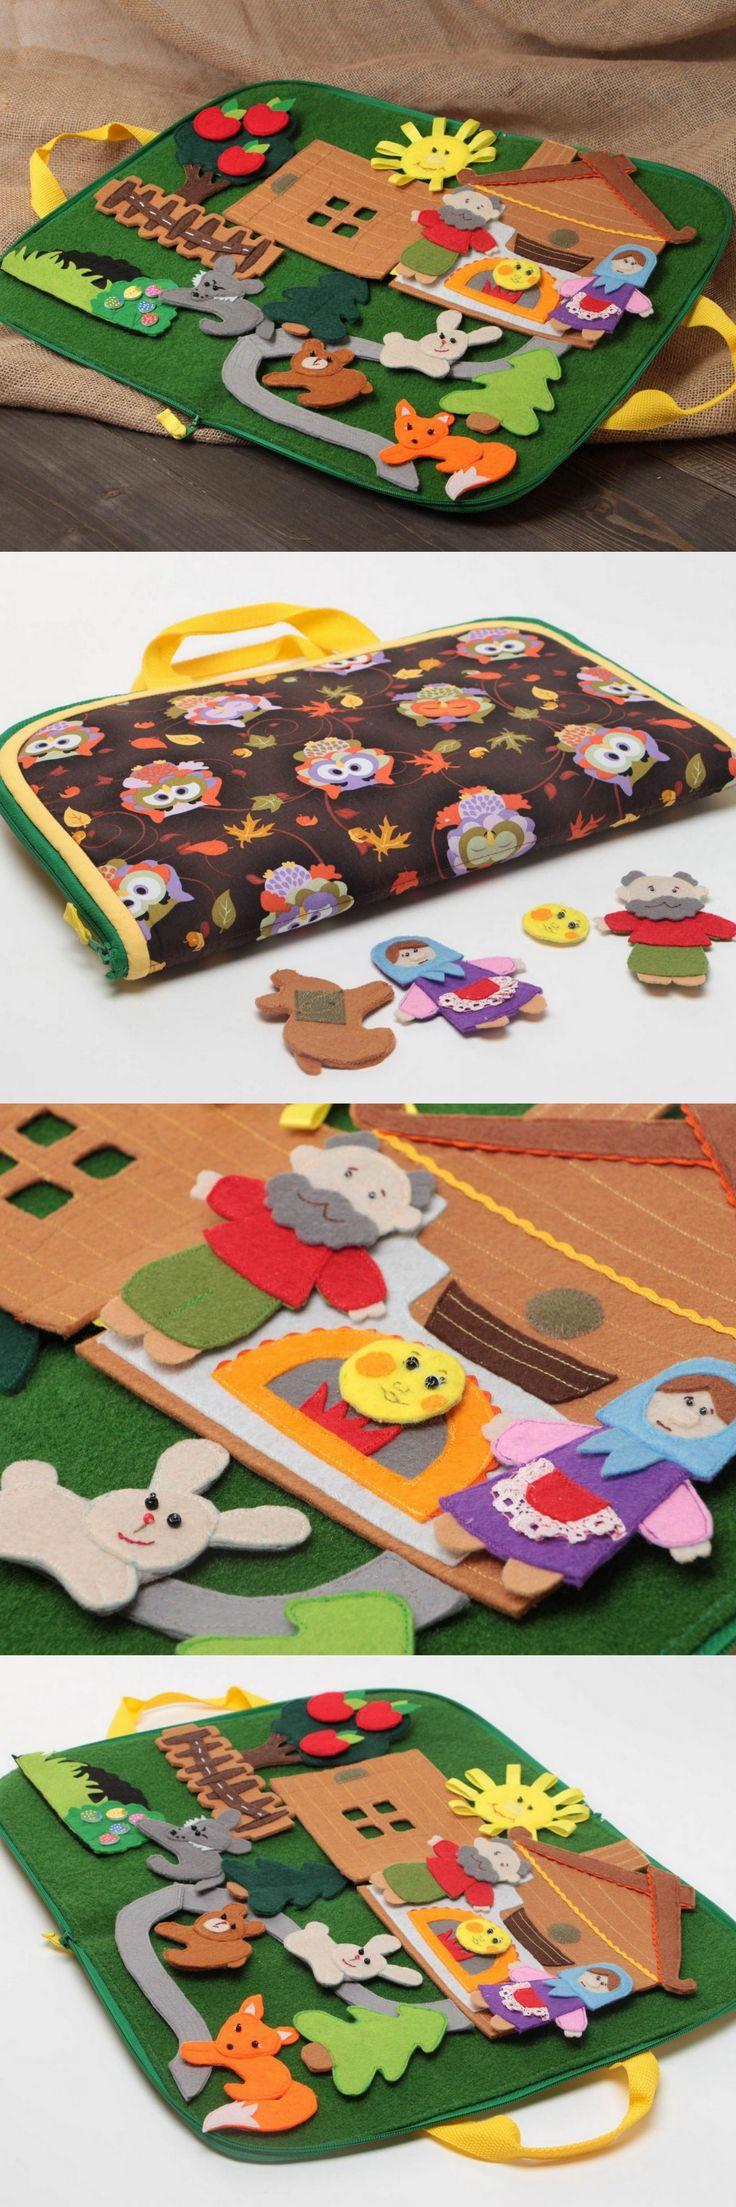 #Bright #handmade #designer #felt #fabric #soft #toy #tablet #for #children